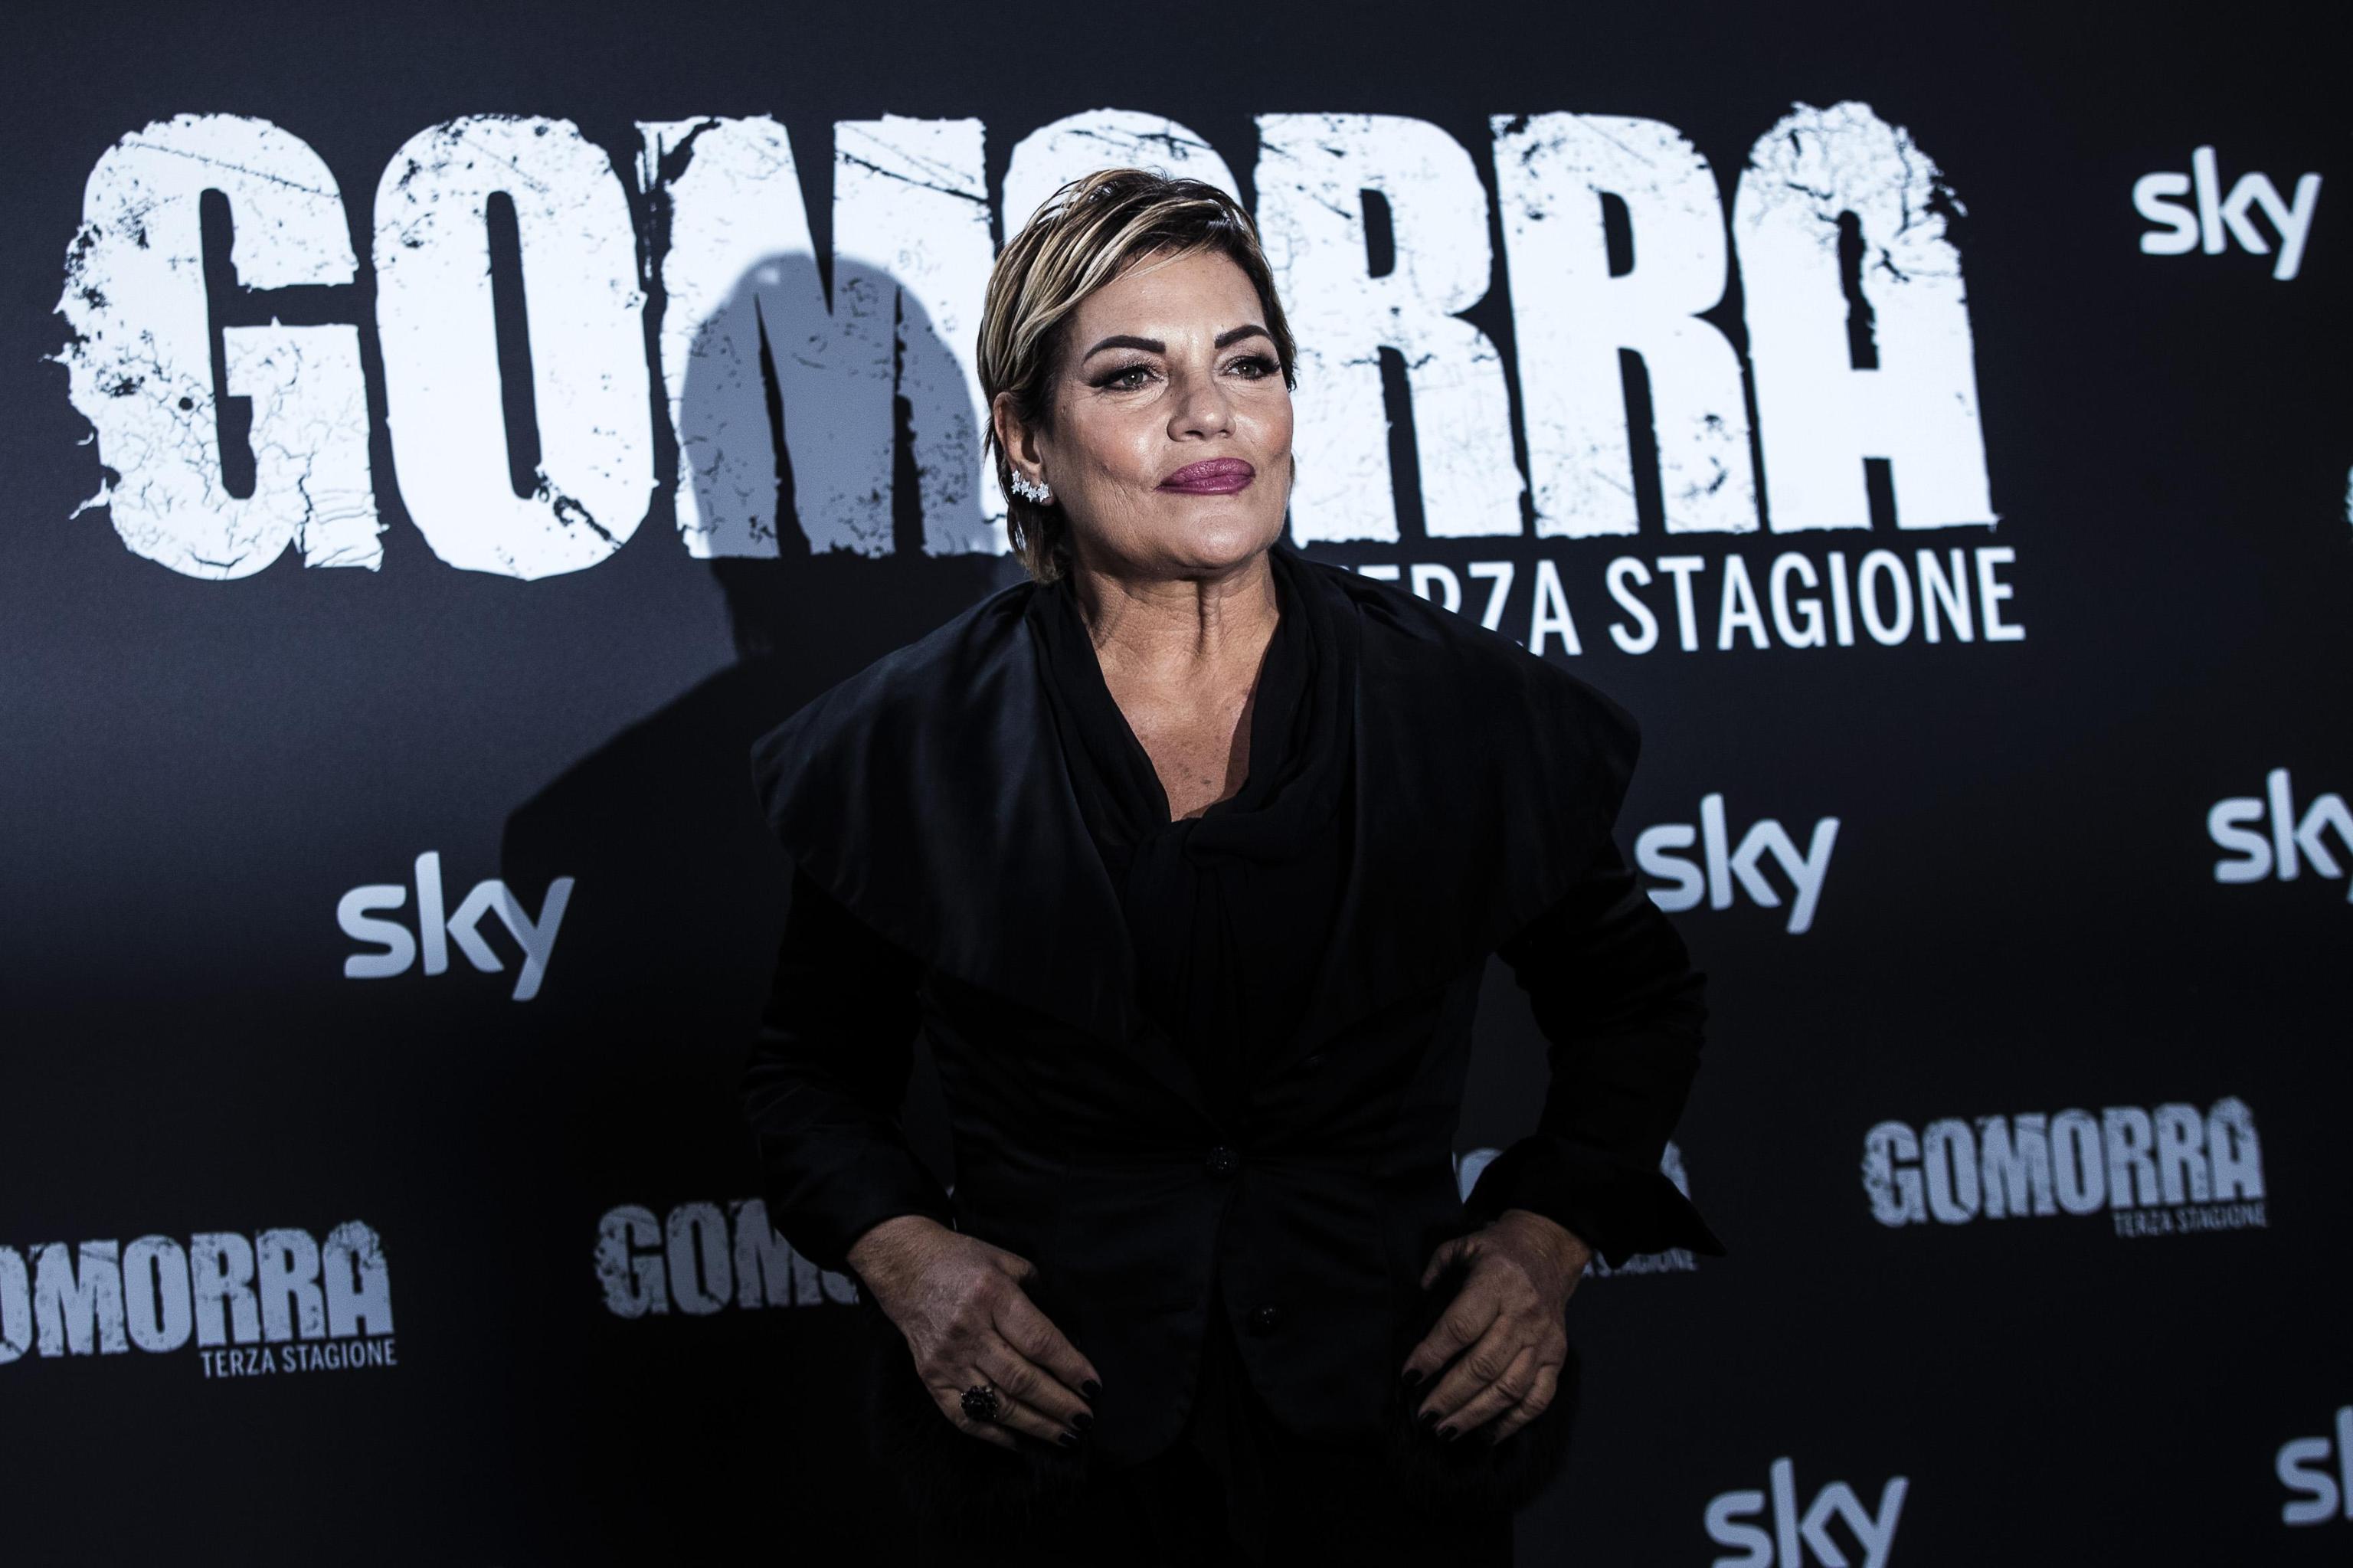 Gomorra 3, la confessione di Cristina Donadio-Scianel: 'Ho avuto un tumore al seno'